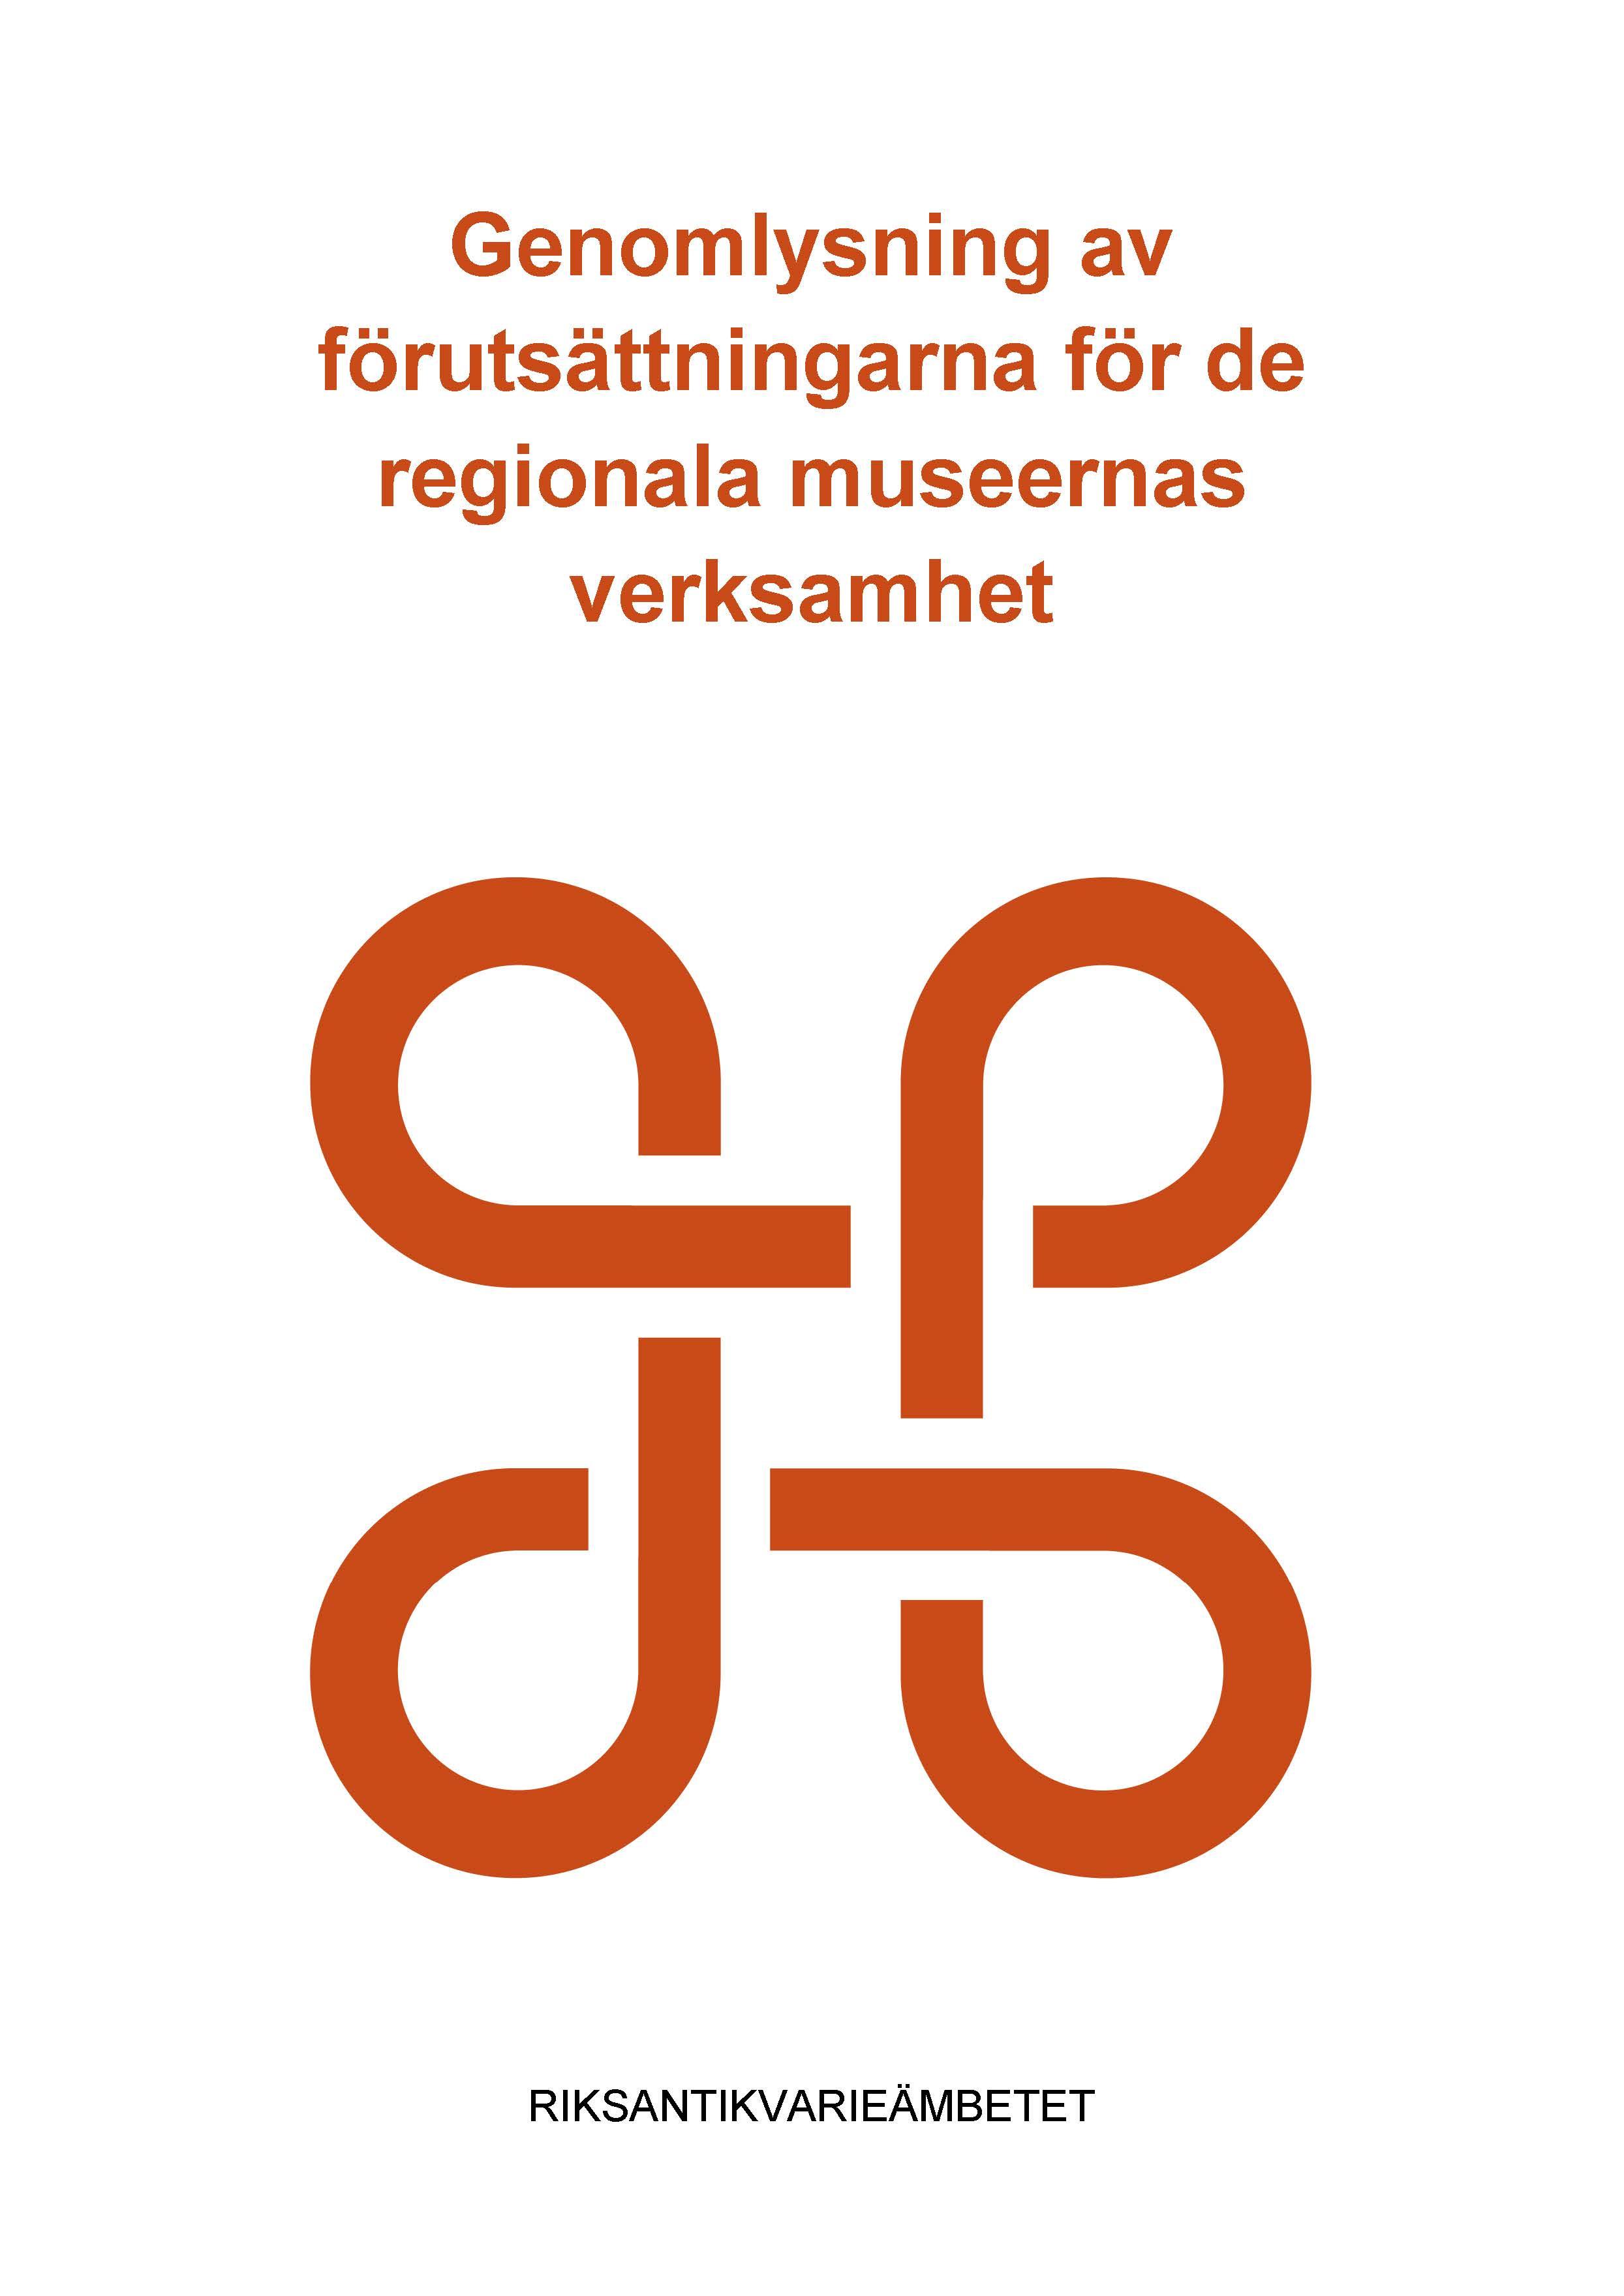 Genomlysning av förutsättningarna för de regionala museernas verksamhet, 2021